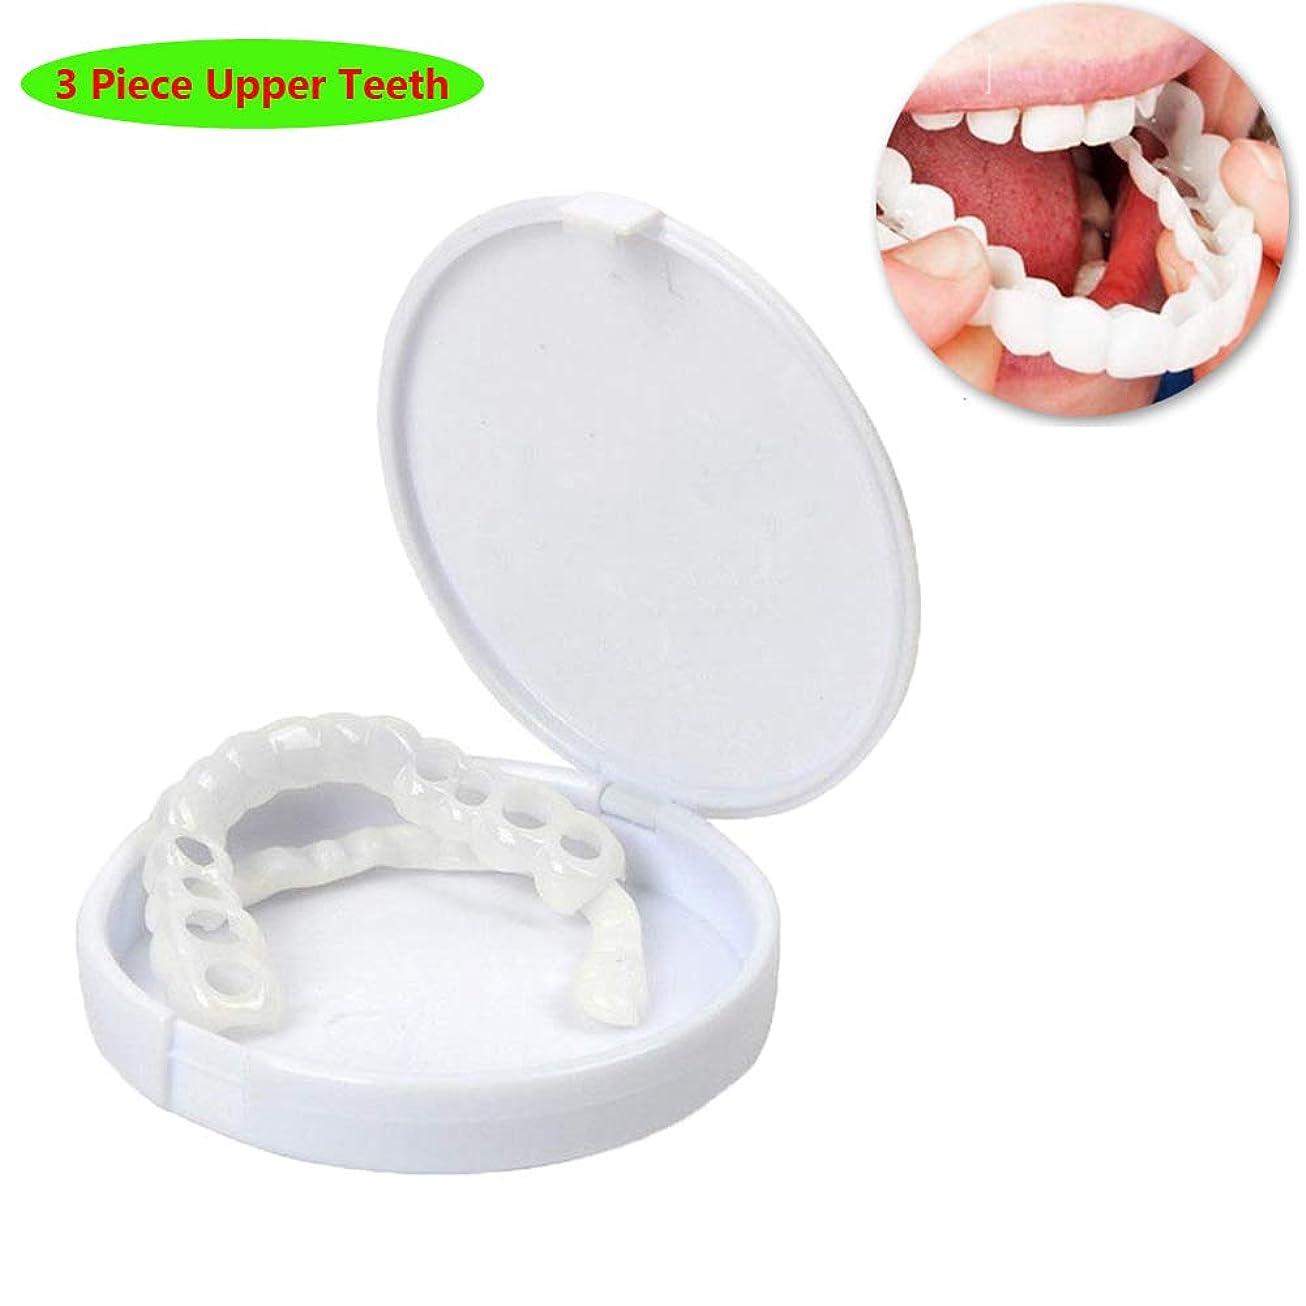 読書添付枢機卿3枚の一時的な化粧品の歯入れ歯の歯の化粧品のシミュレーションの上部の袖口、白くなる歯のスナップの帽子の即刻の慰めの柔らかい完全なベニヤ